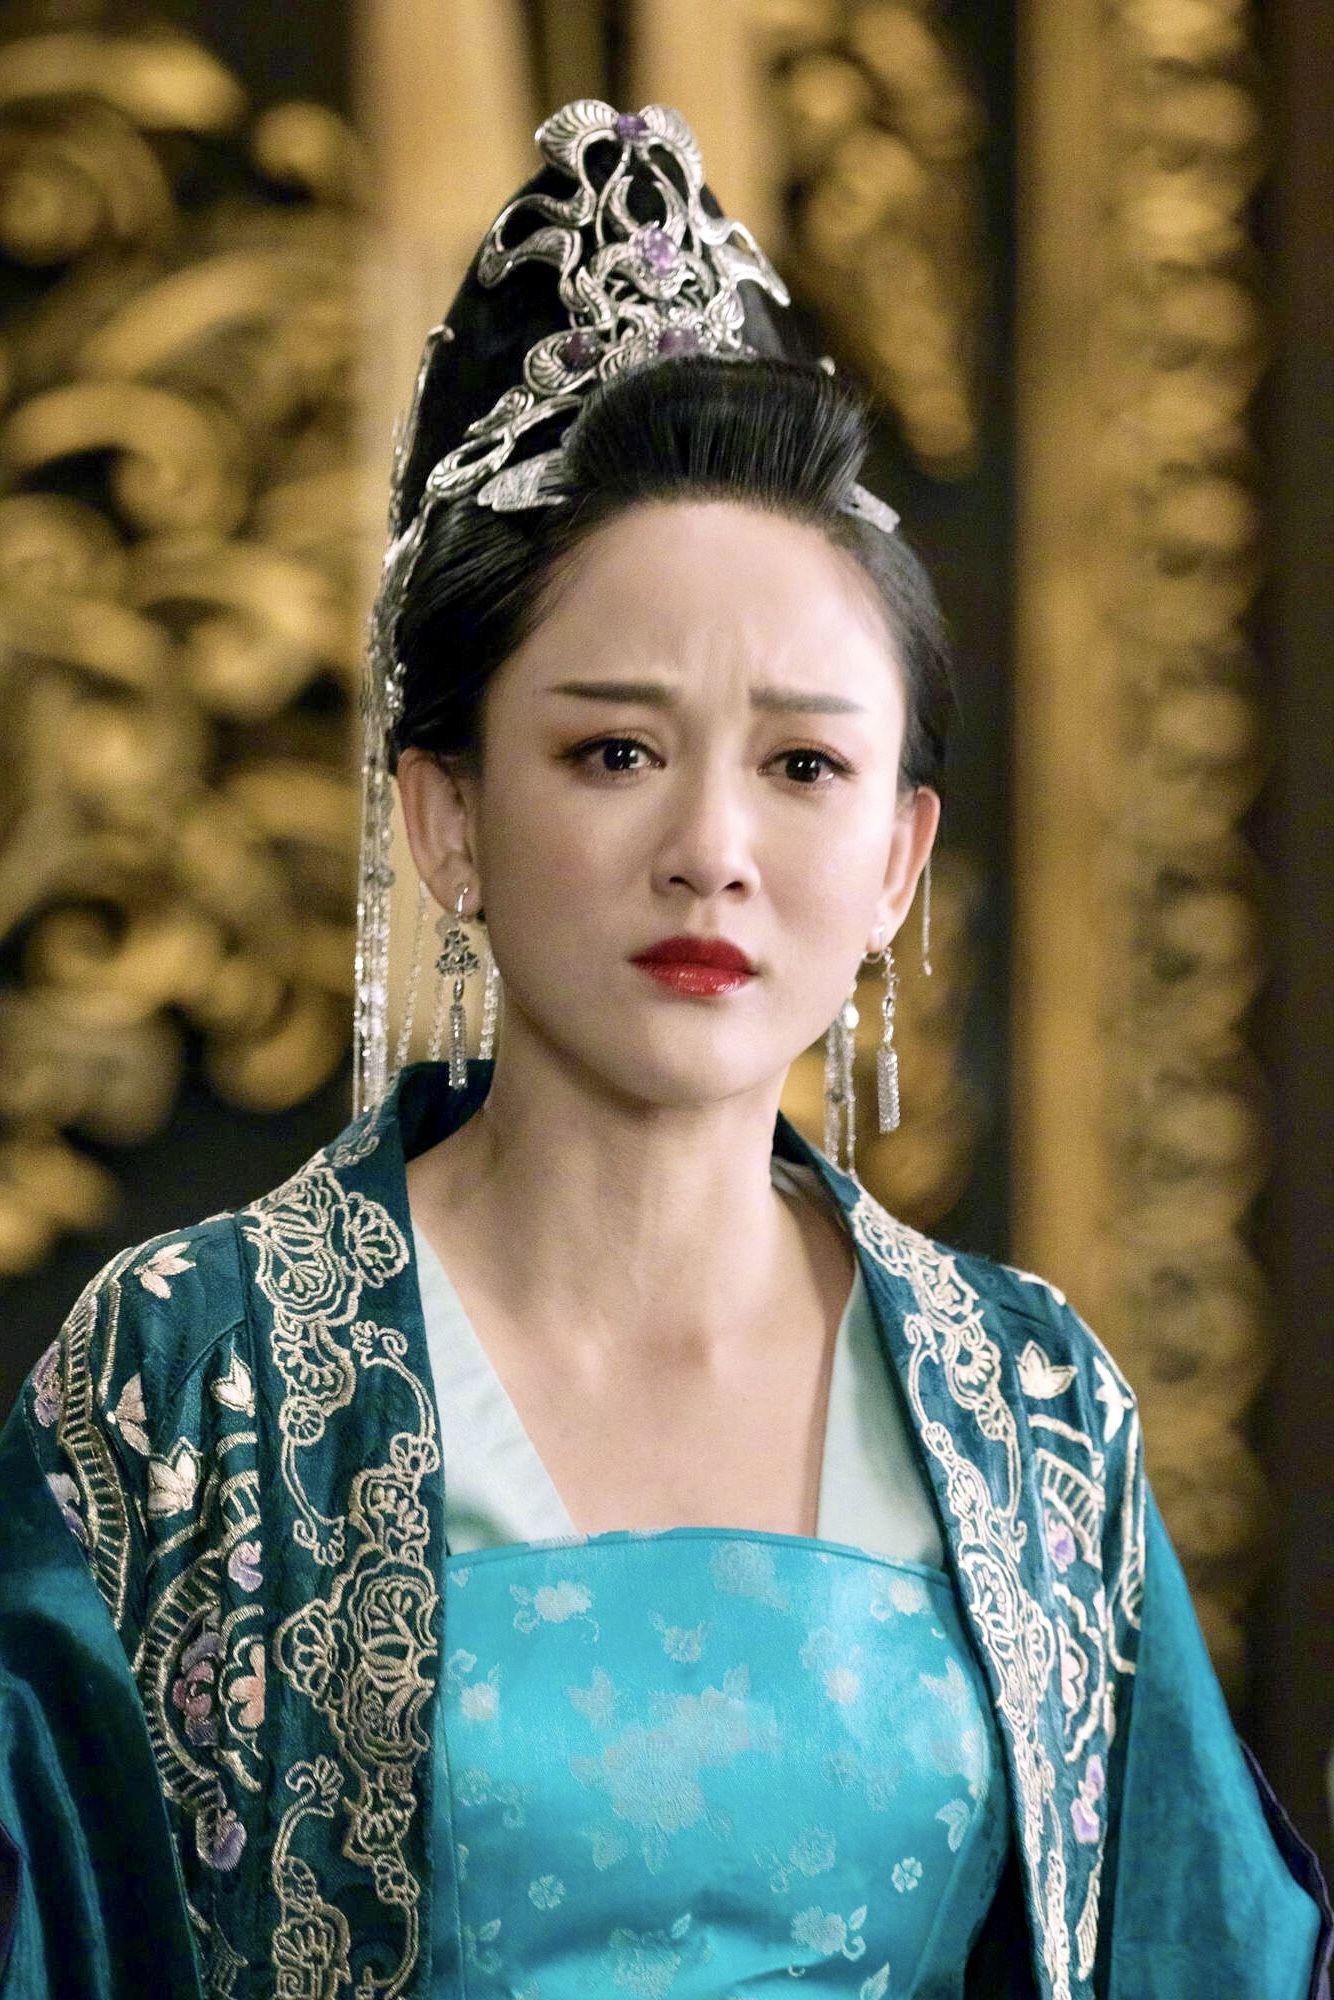 The Unique China Queen 《獨孤皇后》 Joe Chen, Chen Xiao